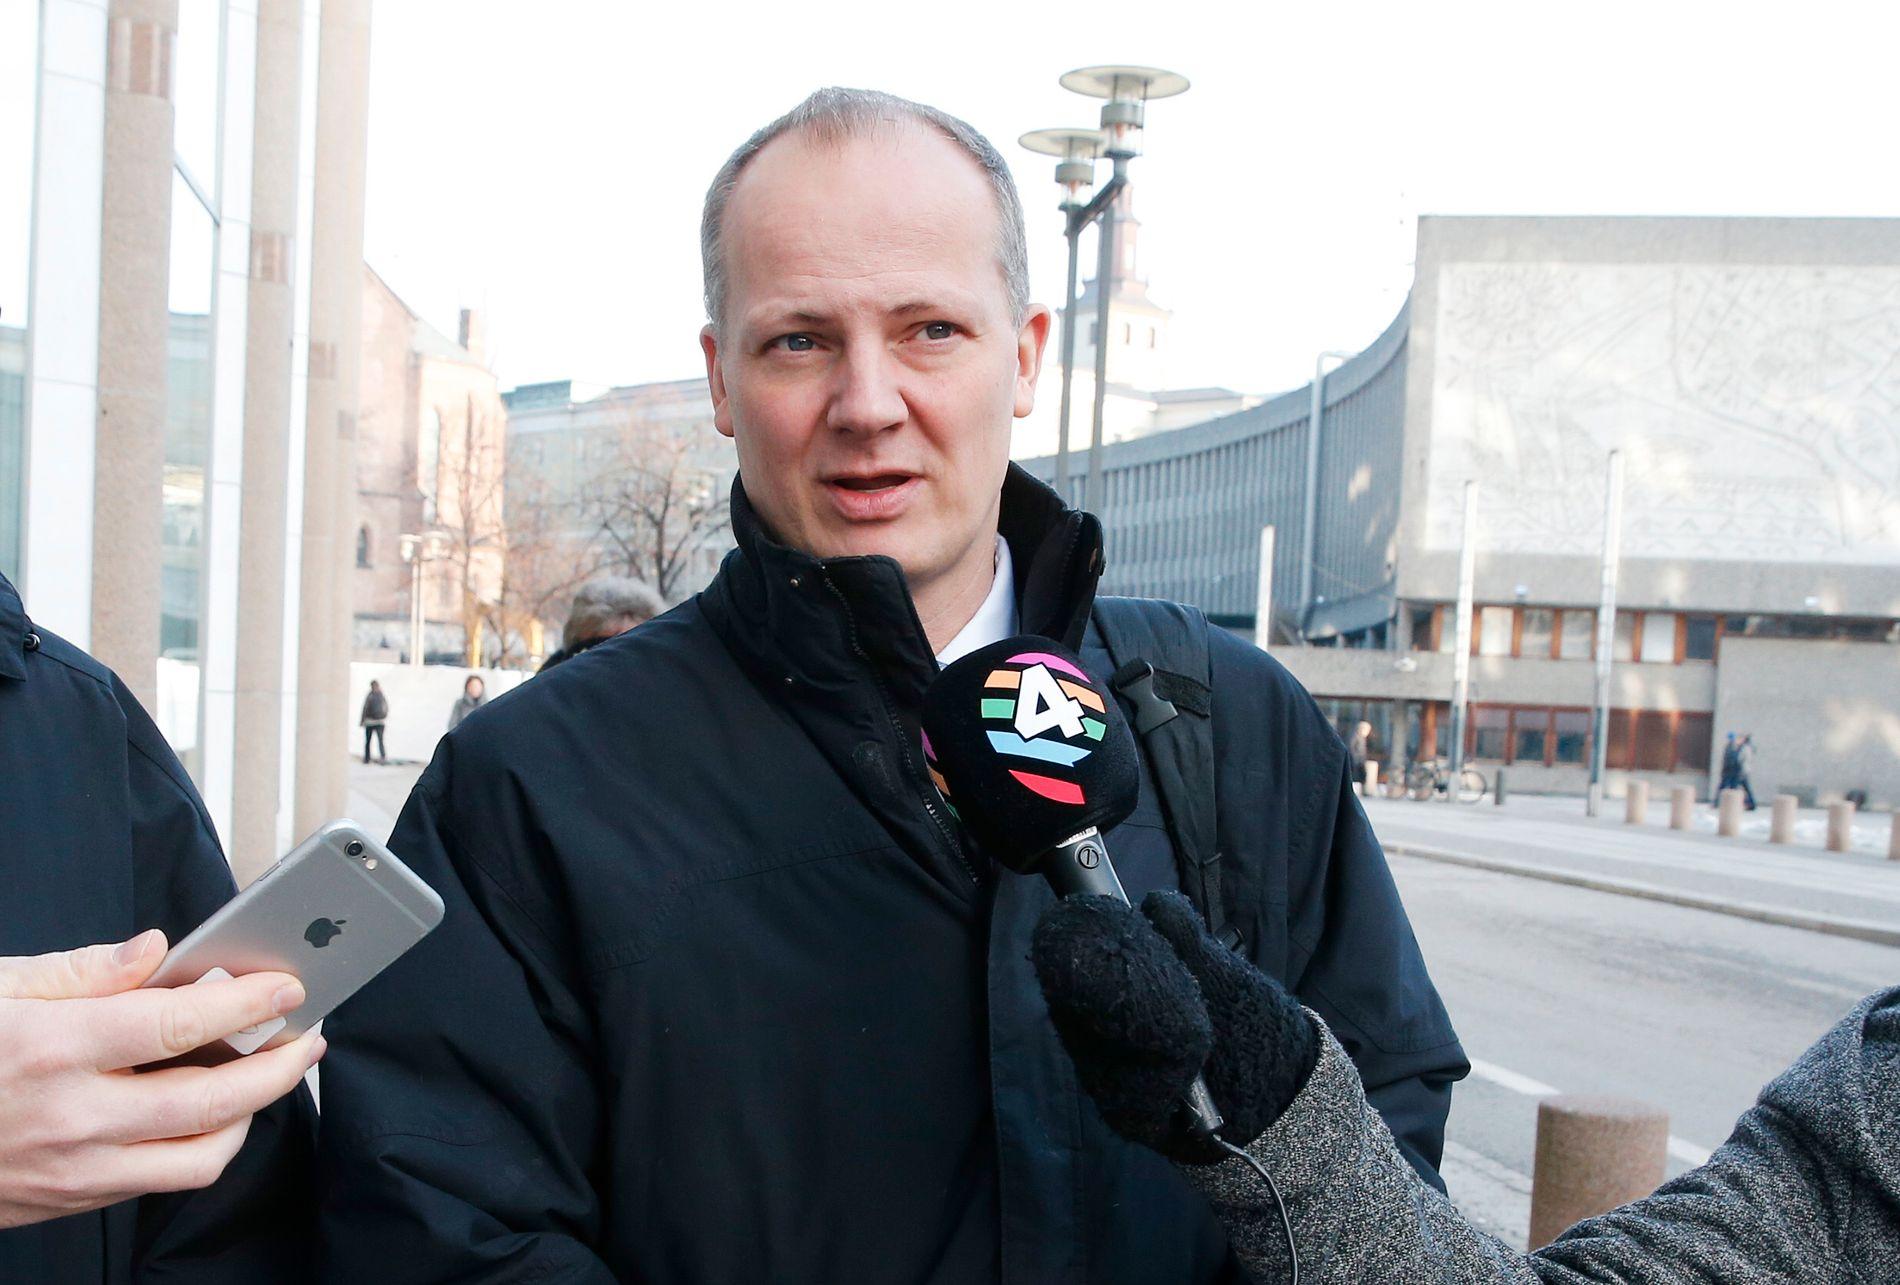 FORNØYD: Samferdselsminister Ketil Solvik-Olsen ble intervjuet av VG og P4 på vei til Stortinget etter møtet med Vegvesenet.